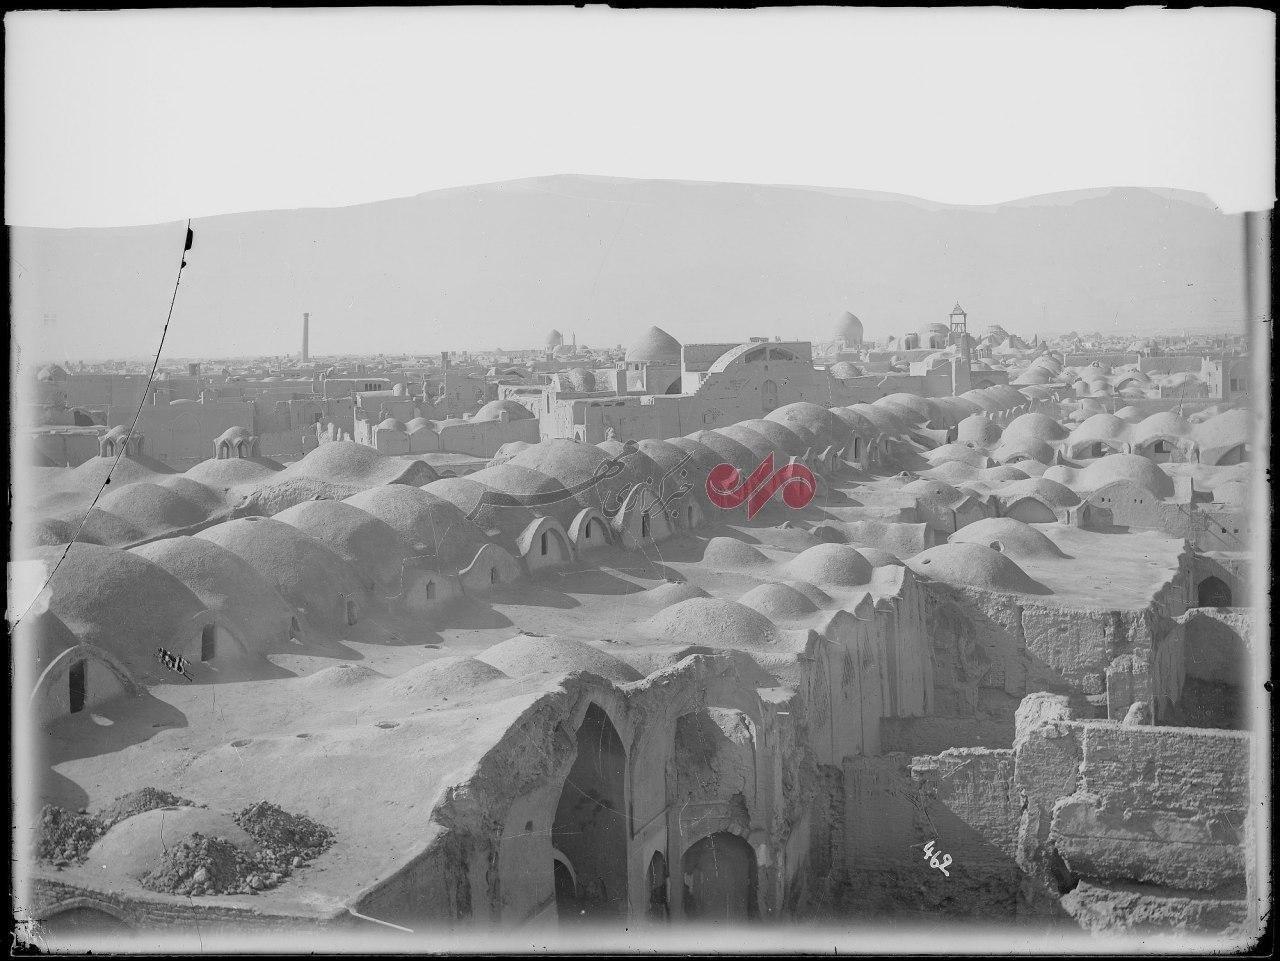 عکسی کمتر دیده شده از شهر کاشان